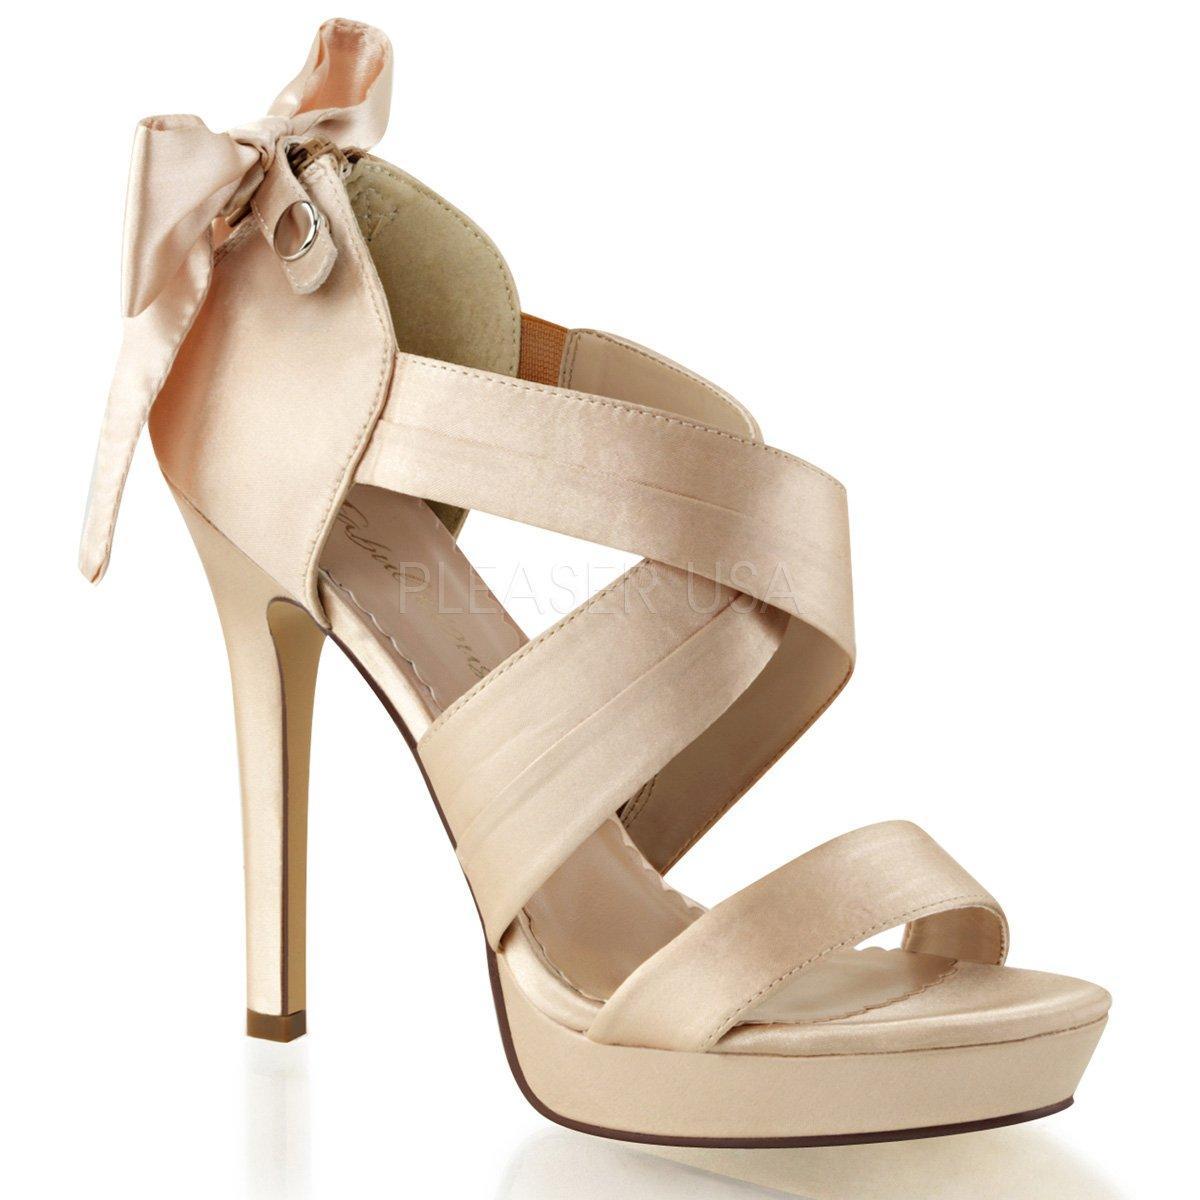 LUMINA-29 Luxusní svatební krémové sandálky na podpatku  efcfb6c6da